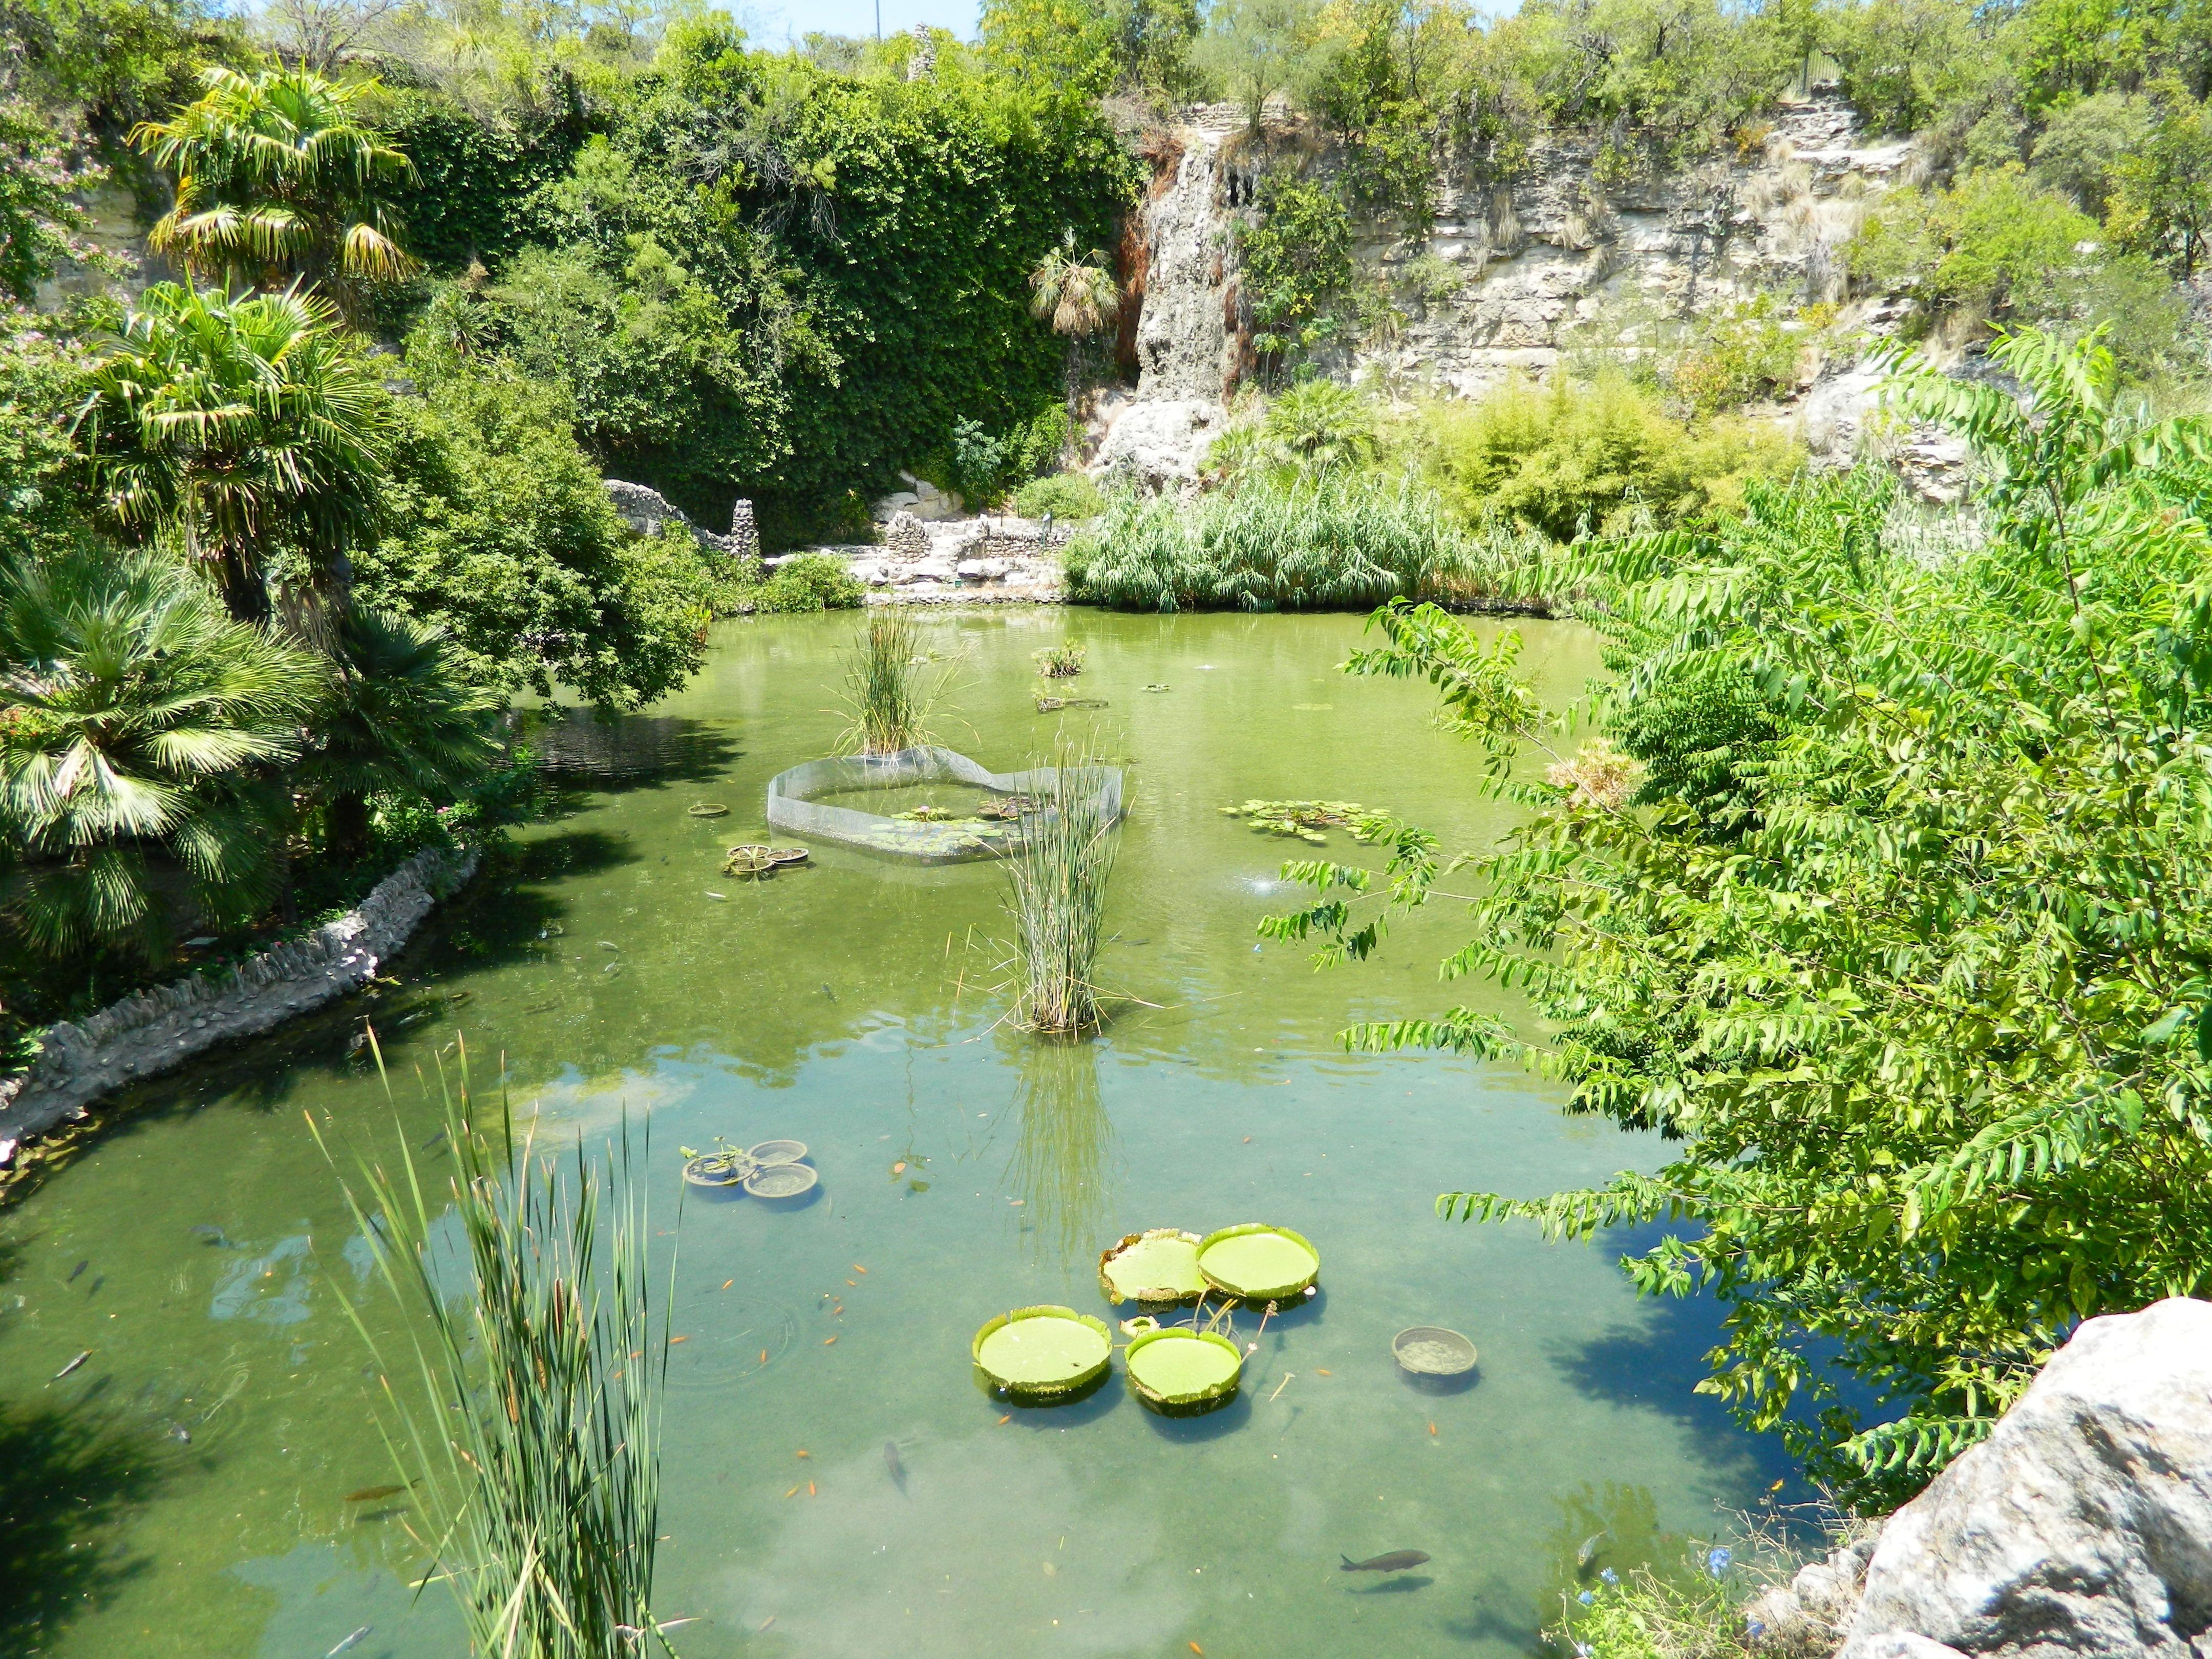 Japanese Tea Garden San Antonio, Tx Tea garden